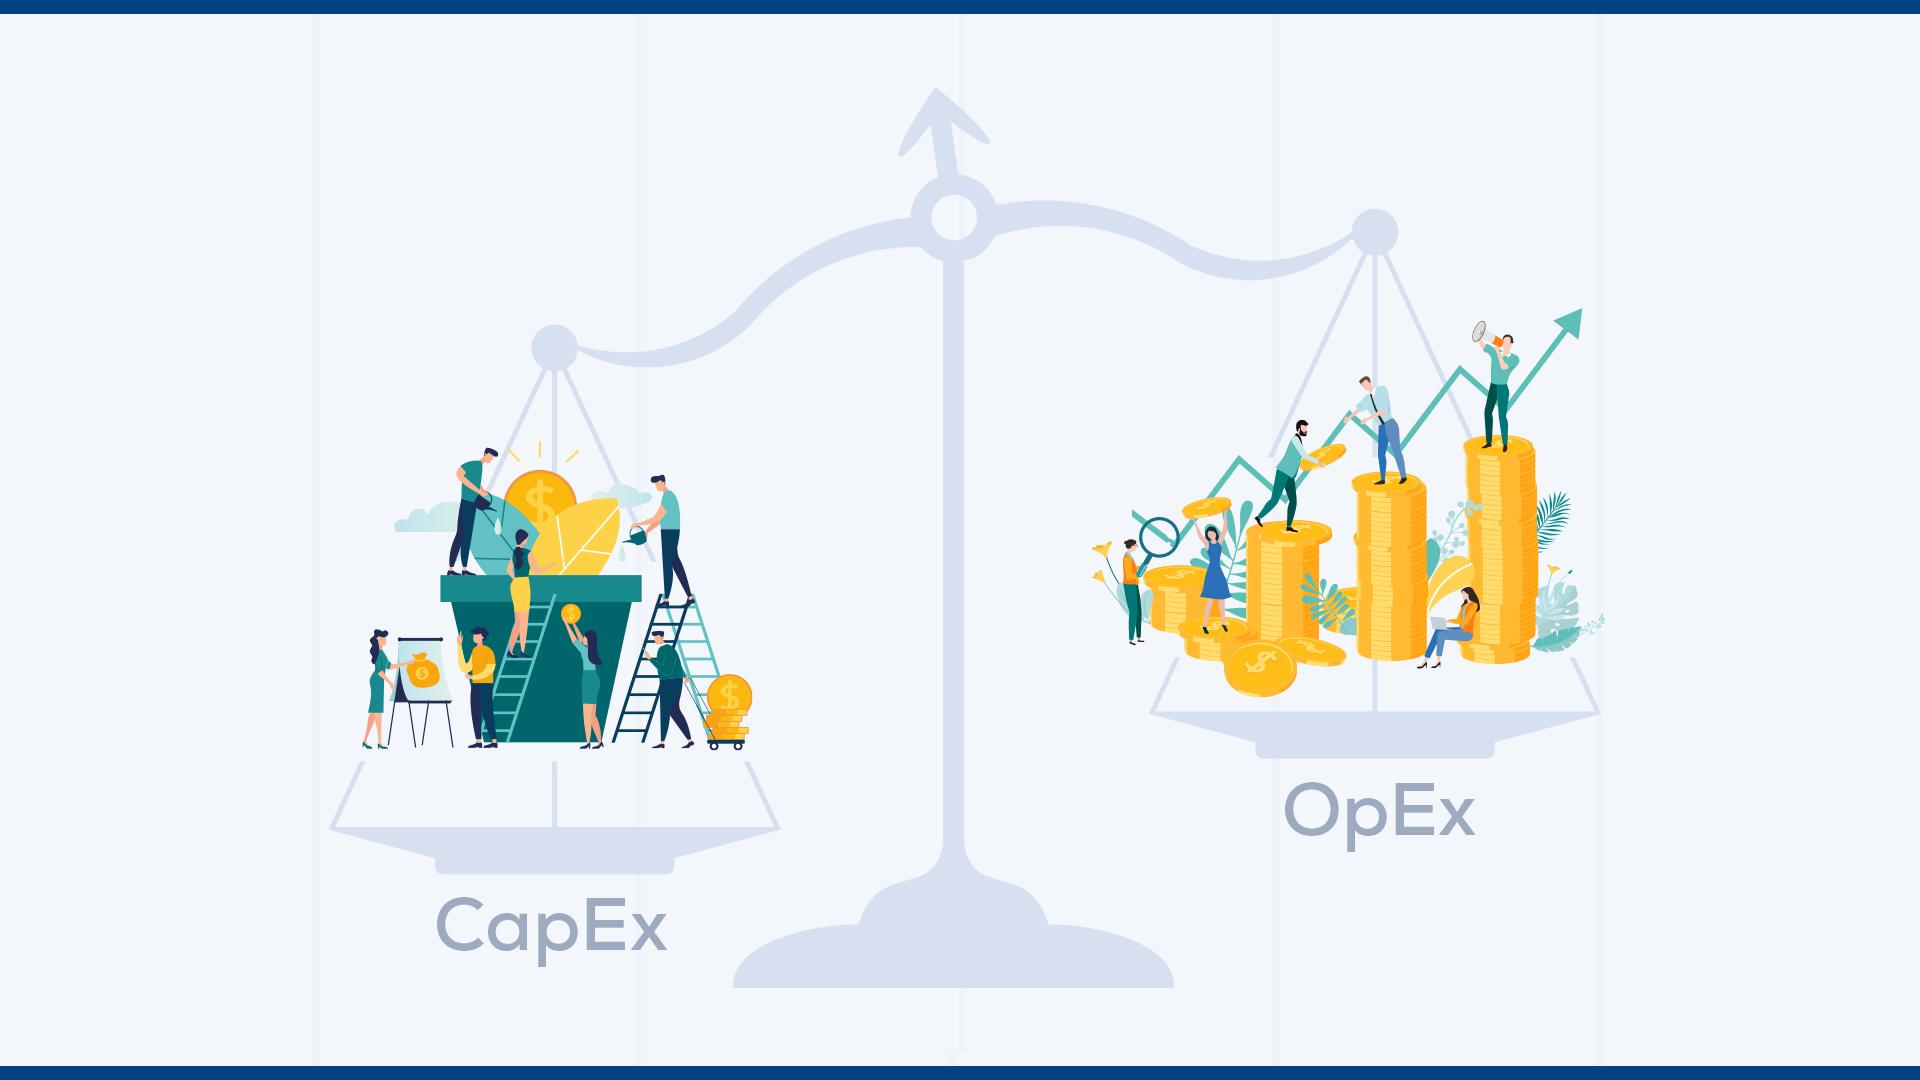 Аренда ЦОД. CapEx превращаем в  OpEx